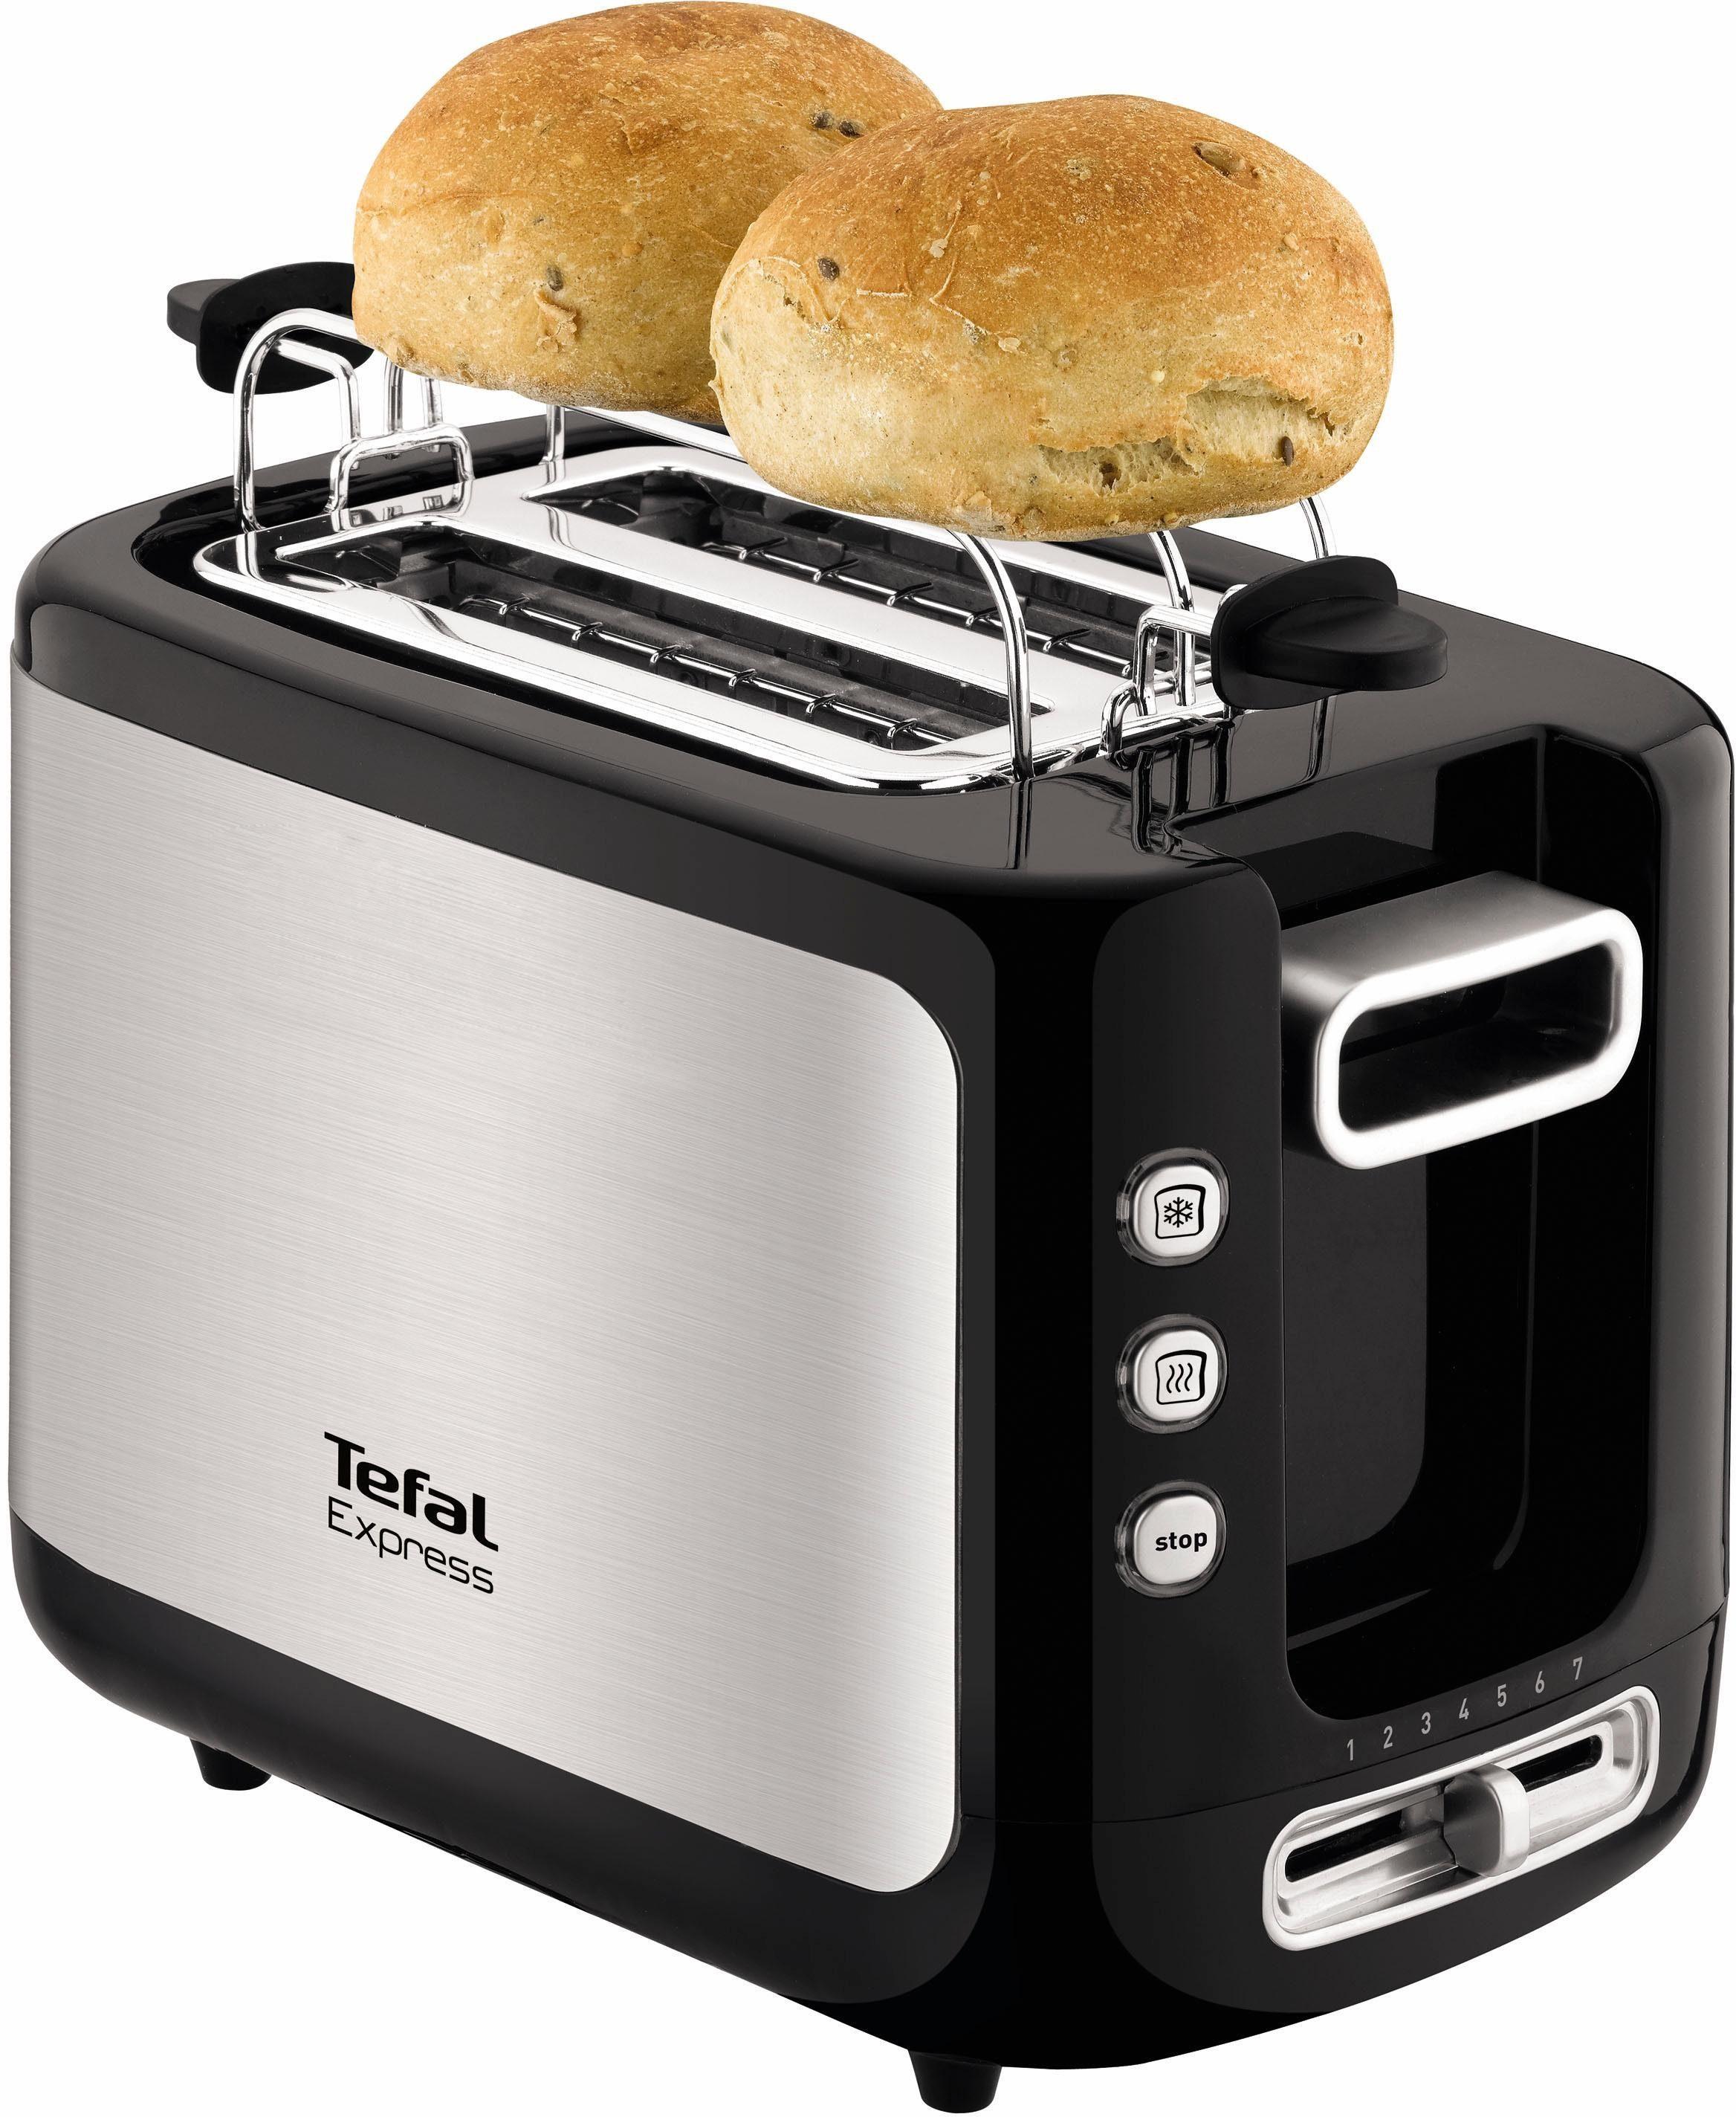 Tefal Toaster TT3650 Express, für 2 Scheiben, 850 W